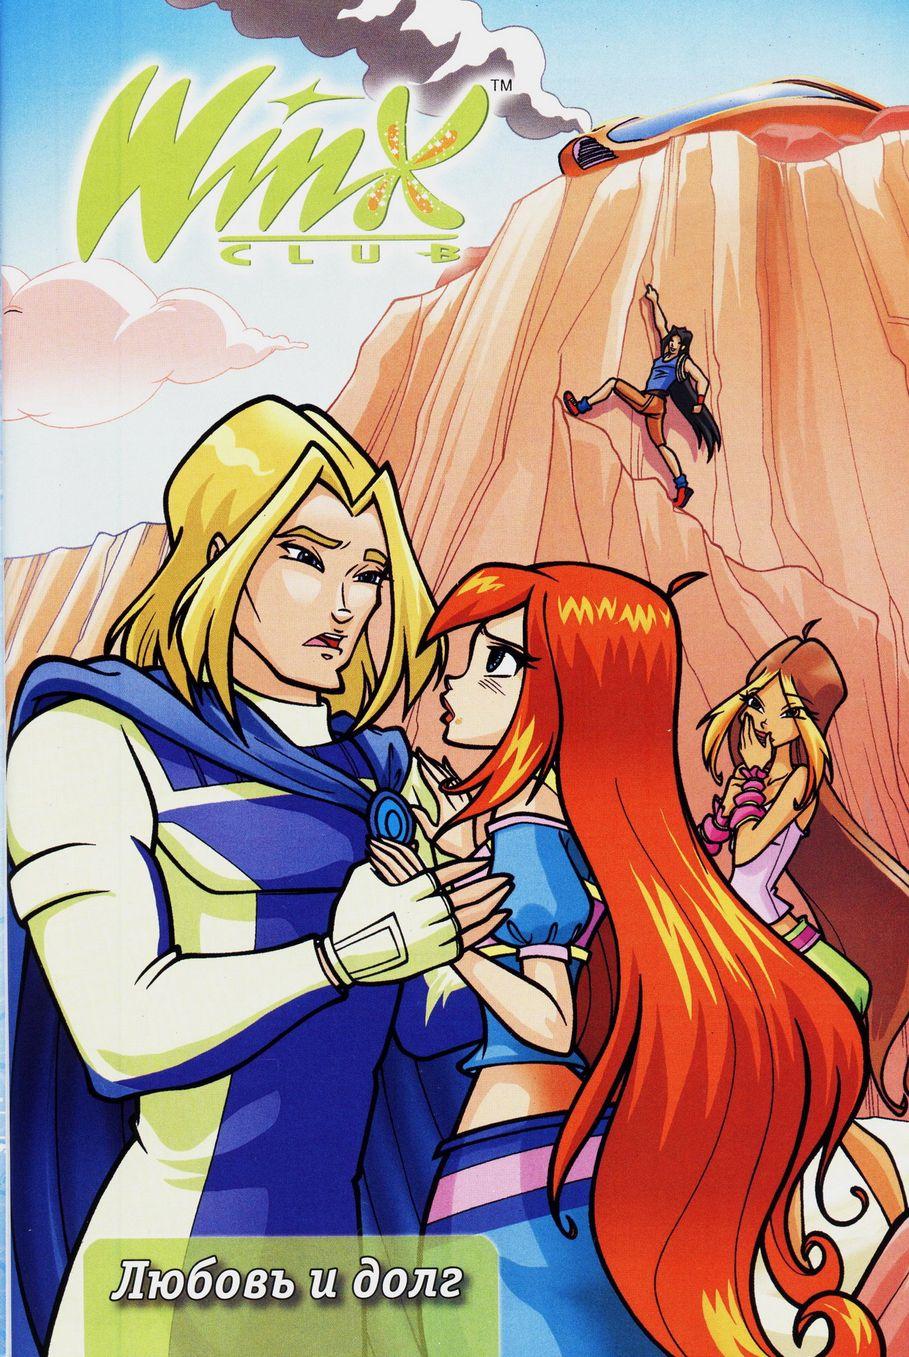 Комикс Винкс Winx - Любовь и долг (Журнал Винкс №2 2011) - стр. 15